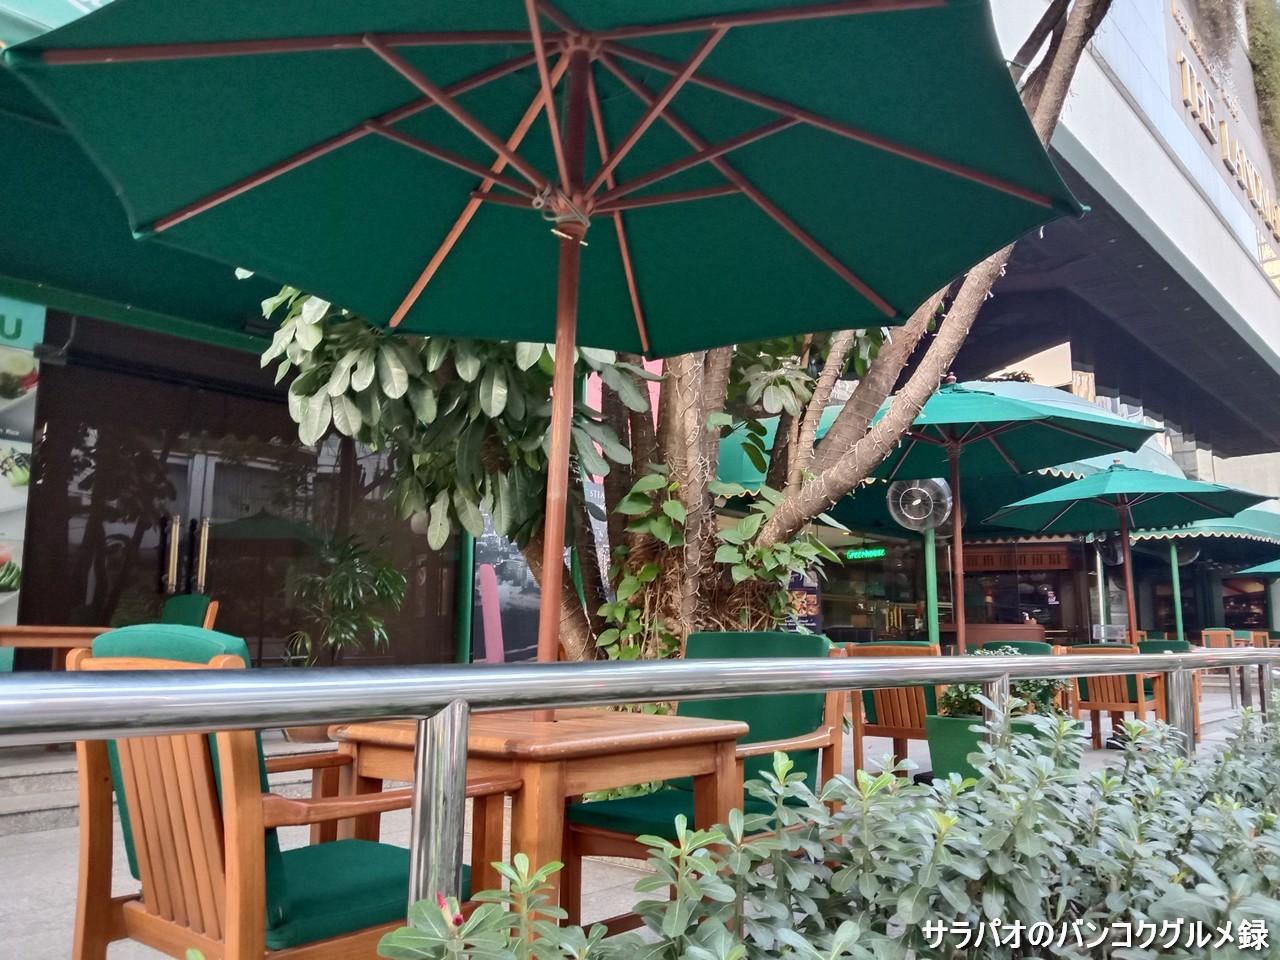 ザ・ランドマーク・テラスは広いテラスが特徴のカフェ in ナナ